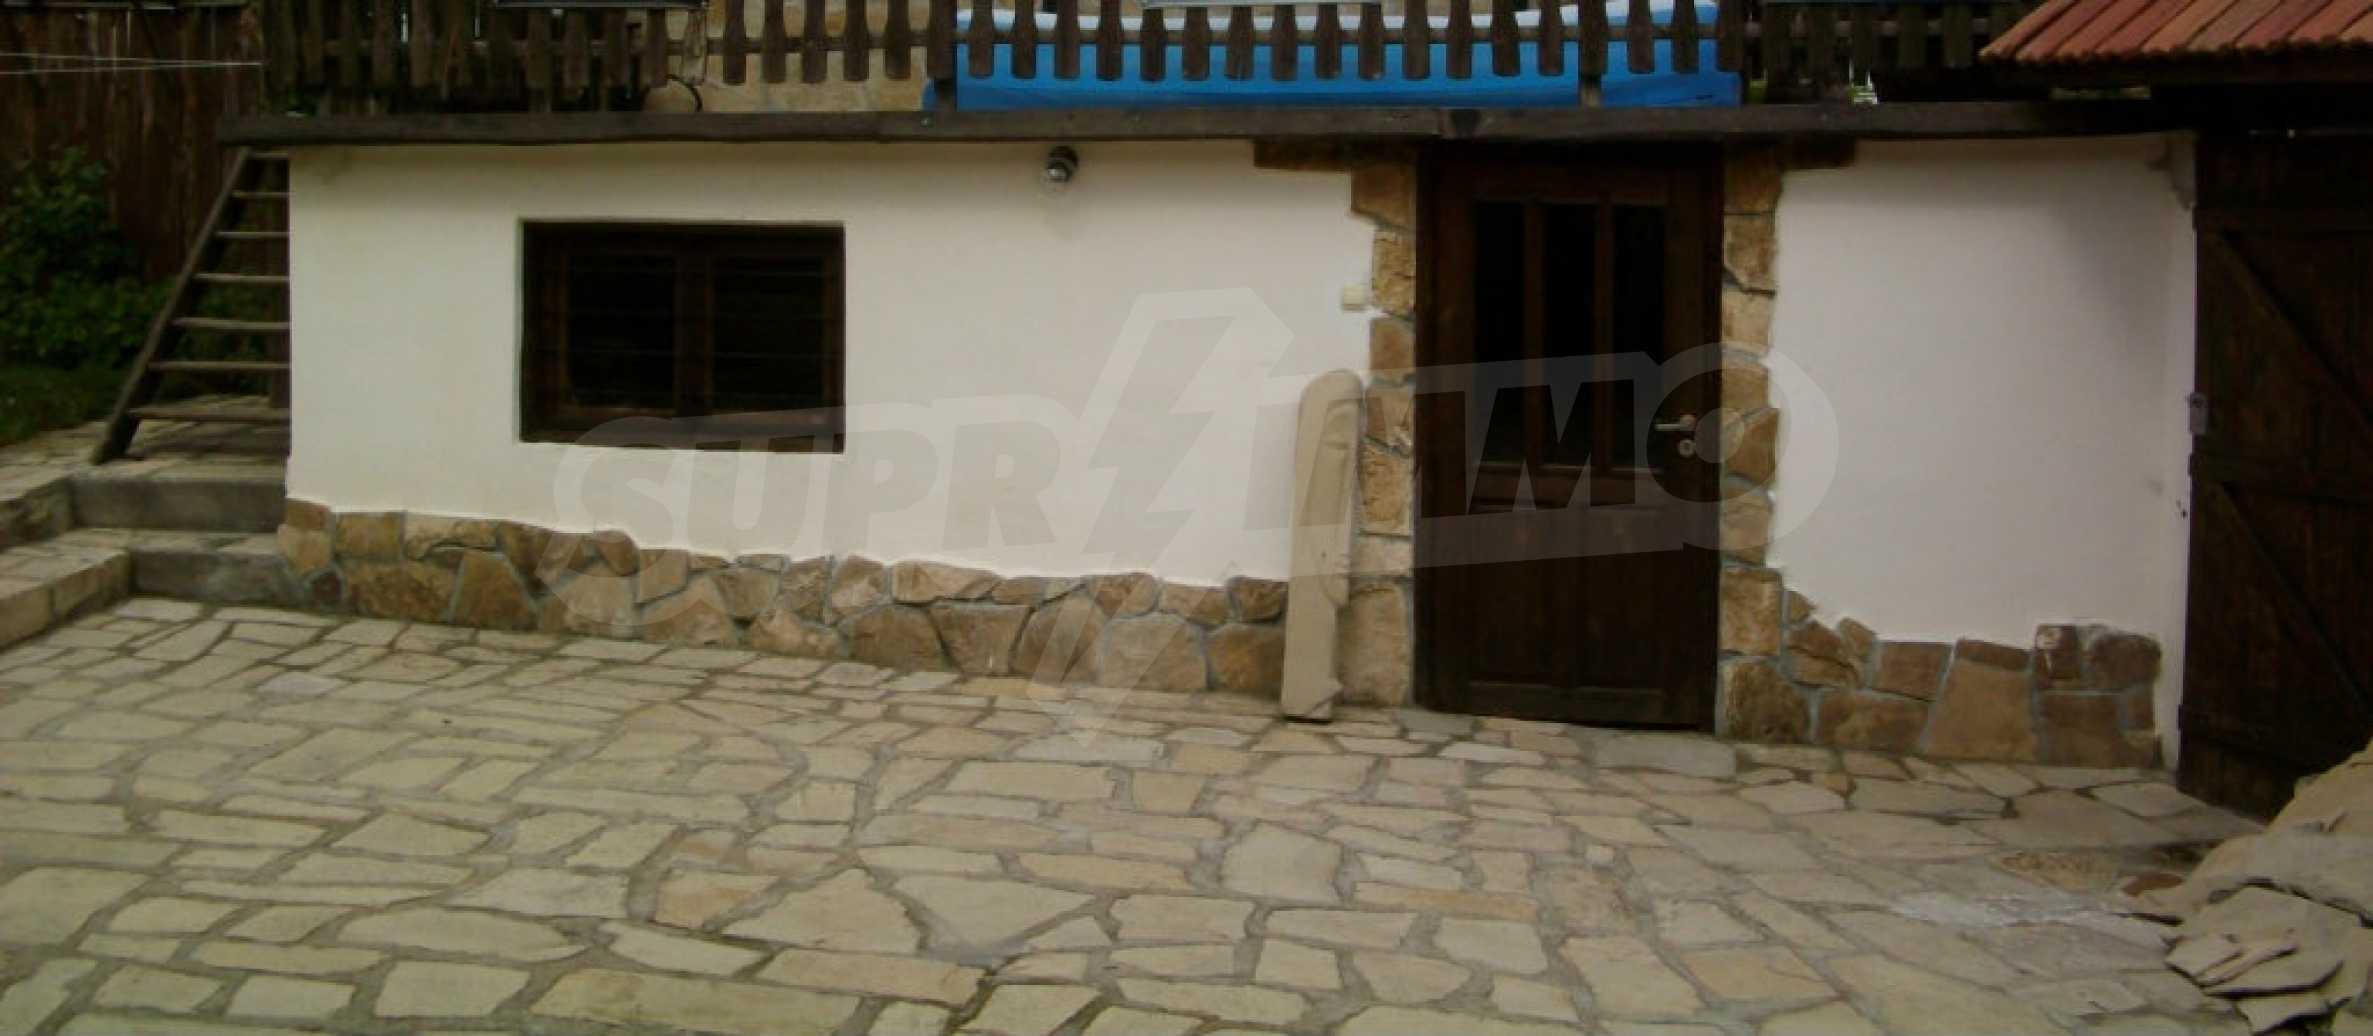 Vollständig möbliertes Anwesen im erhaltenen traditionellen bulgarischen Stil 37